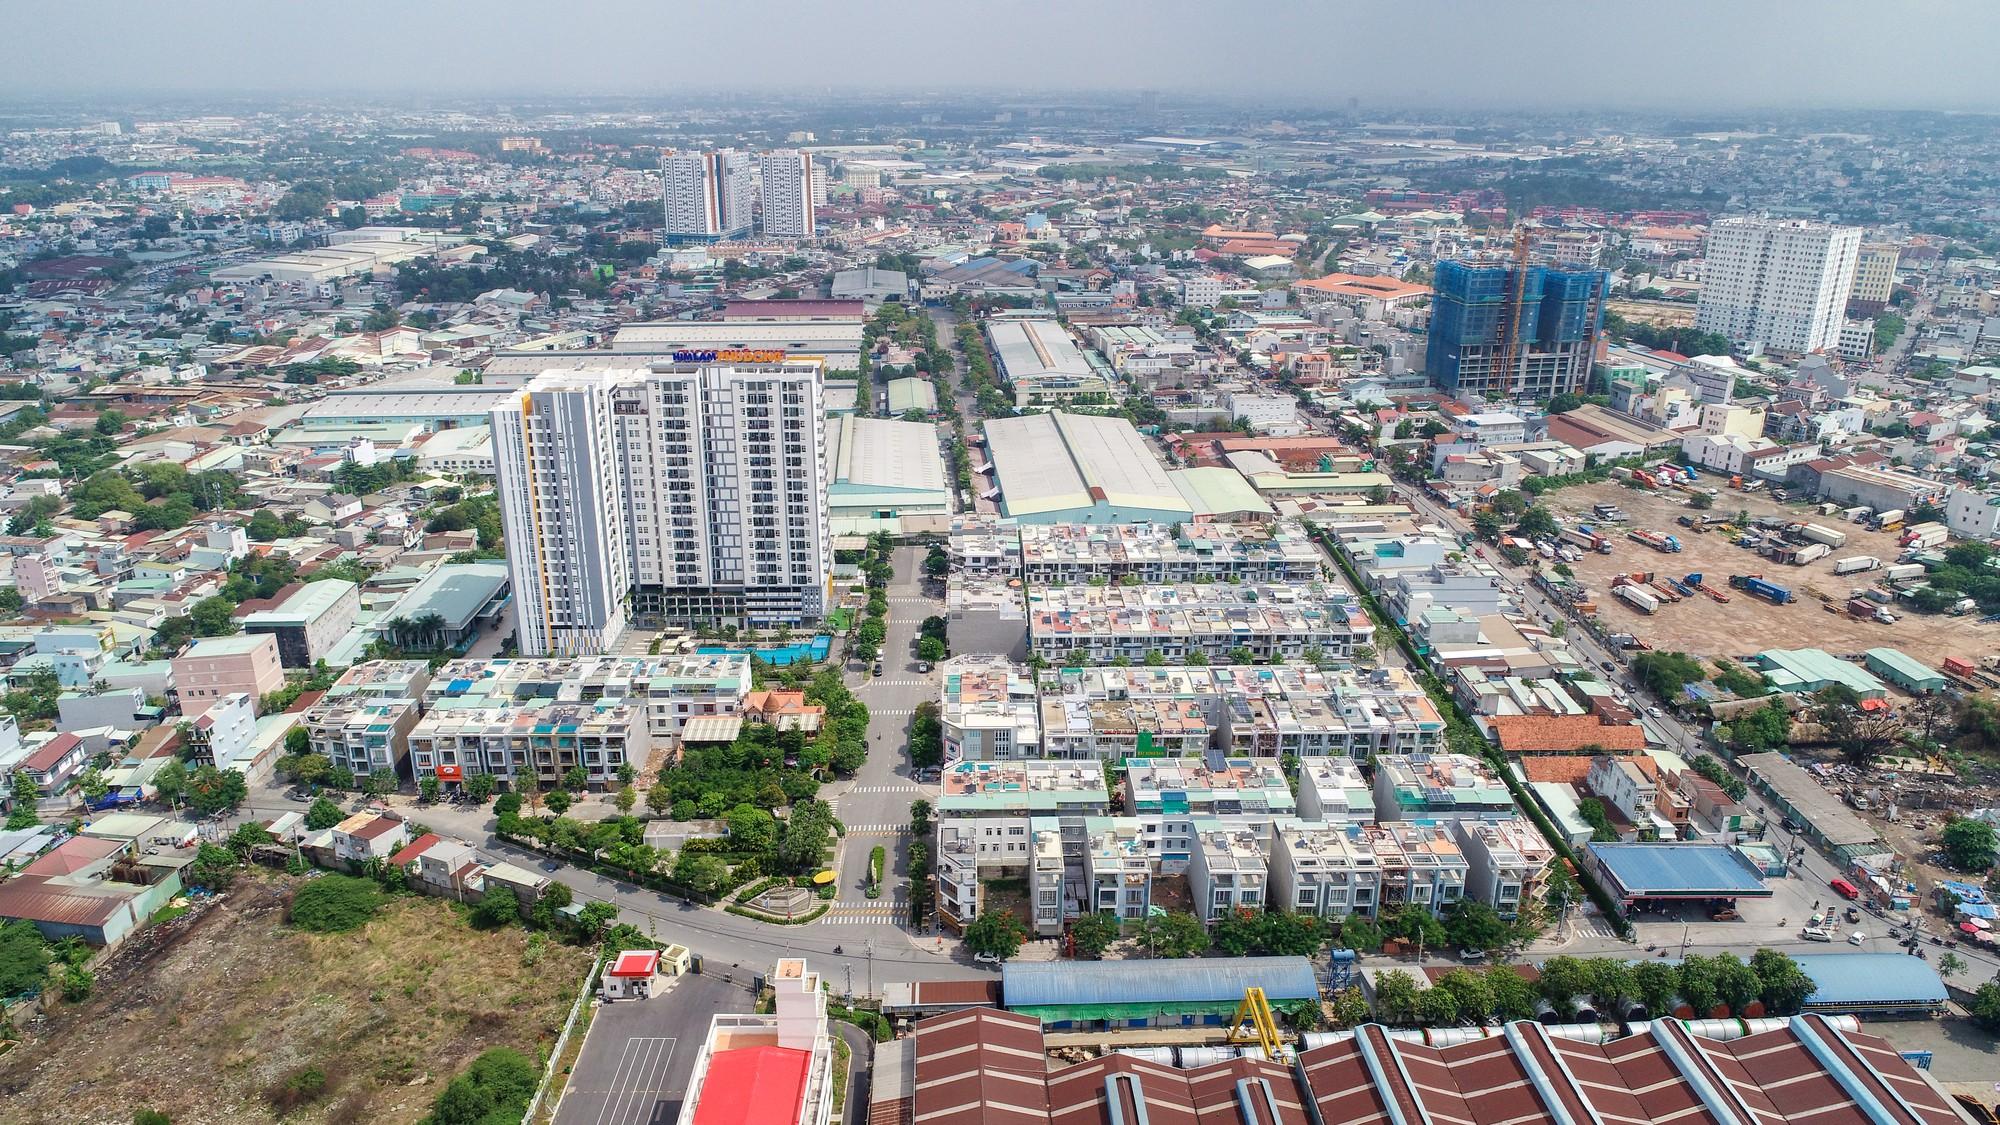 Nhu cầu nhà ở tại Binh Dương dự báo còn tiếp tục tăng cao